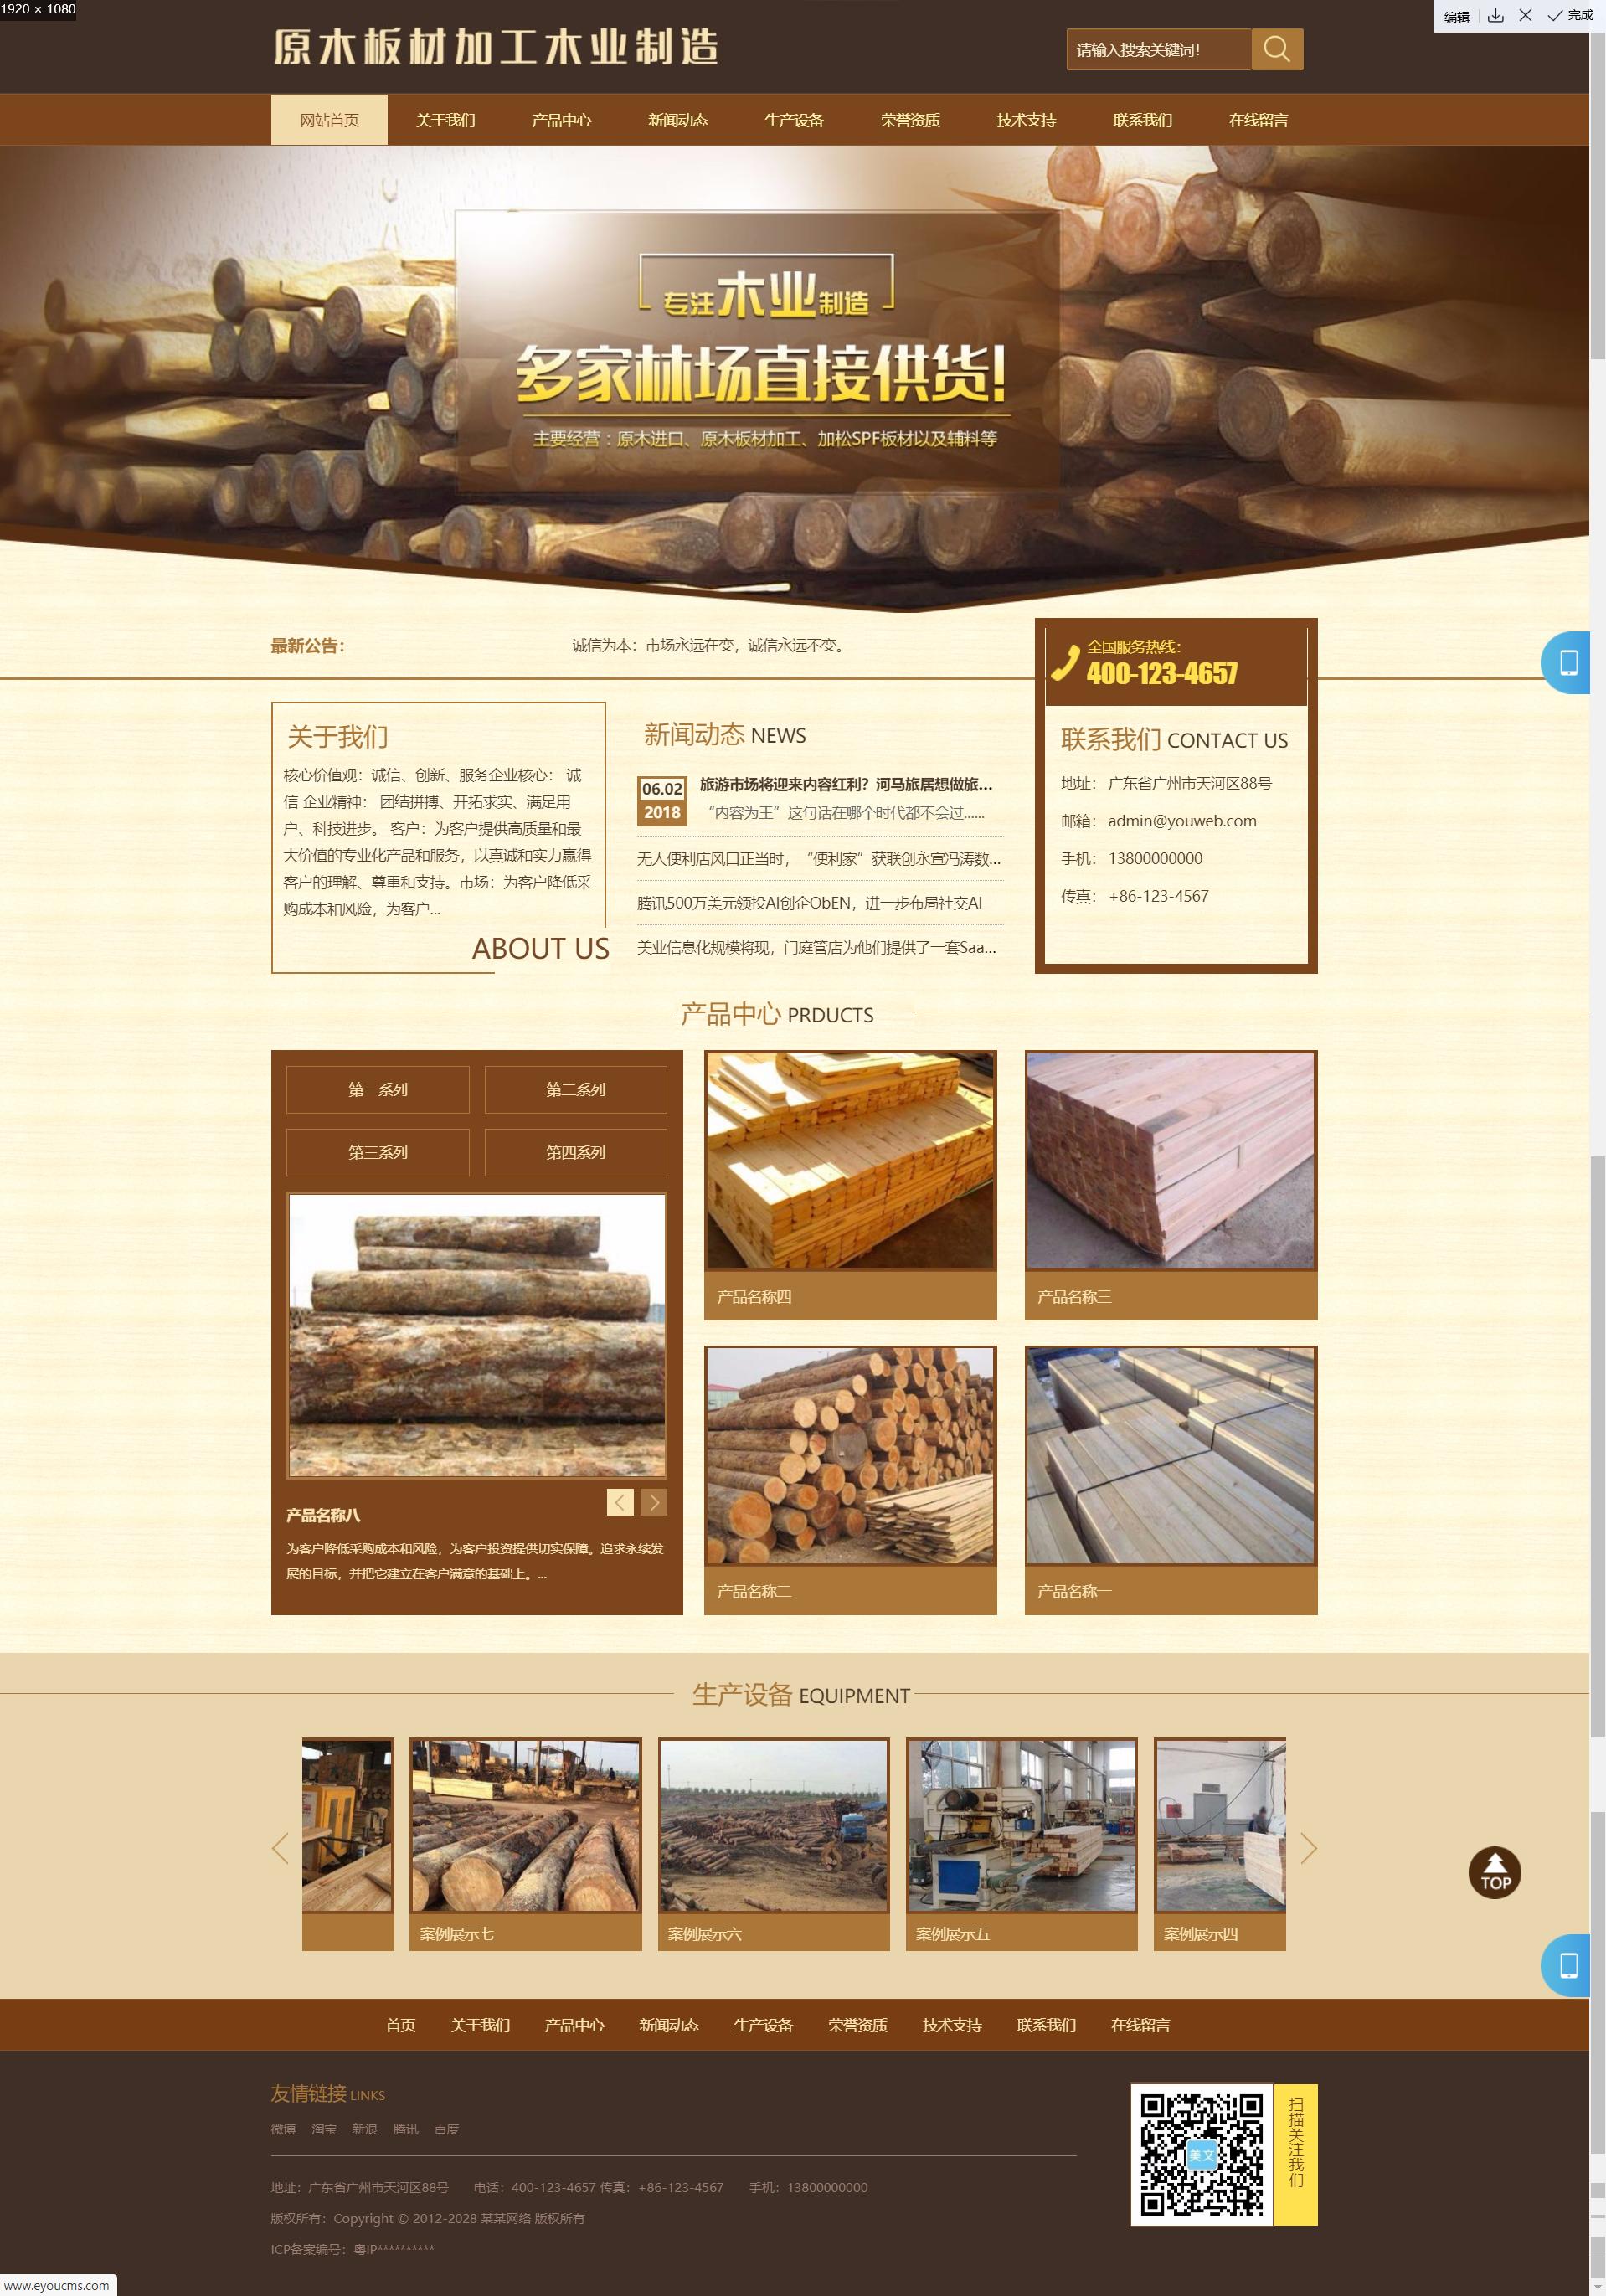 原木加工板材制造公司企业模板官网企业网站源码带手机端自适应源码含强大的后台管理系统